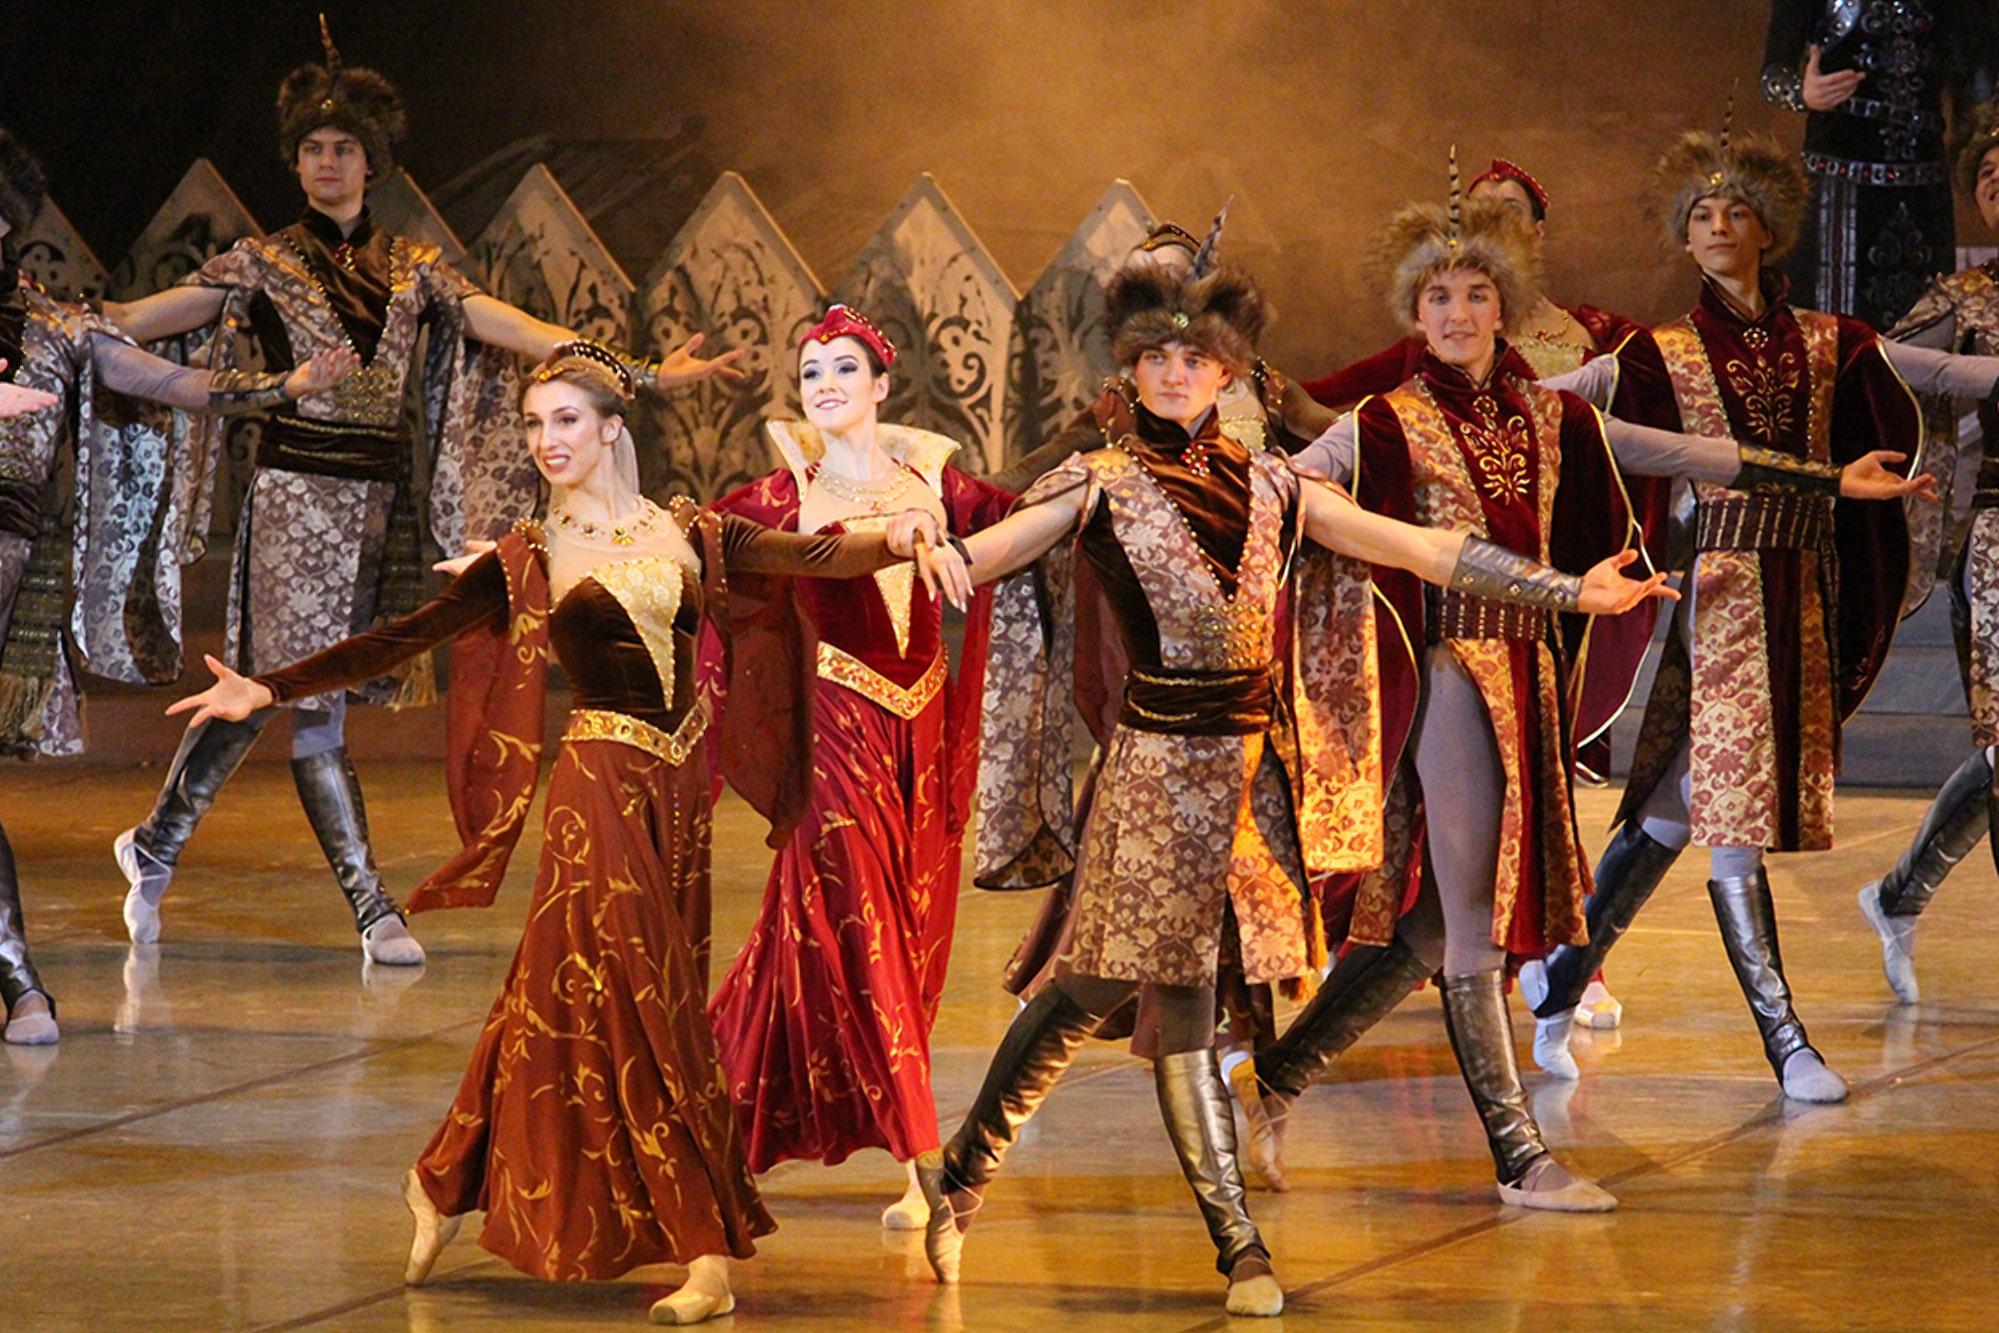 По событиям 1508 года в Беларуси поставлен балет